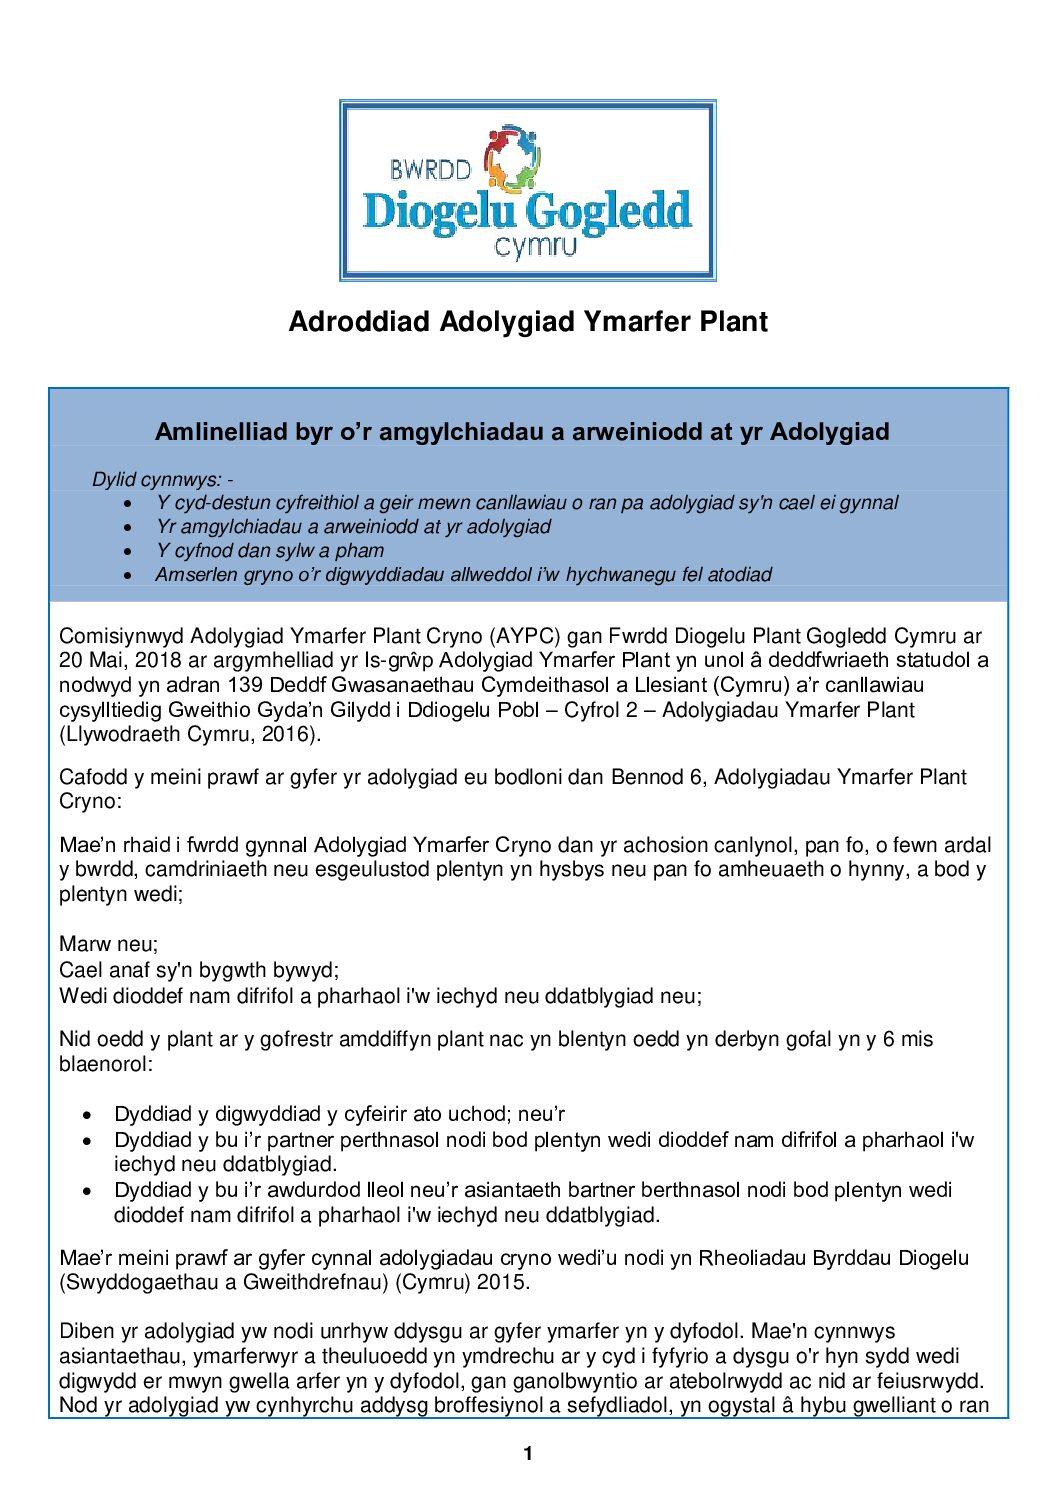 Adolygiad Ymarfer Plant Conwy 2019/1 BDPGC